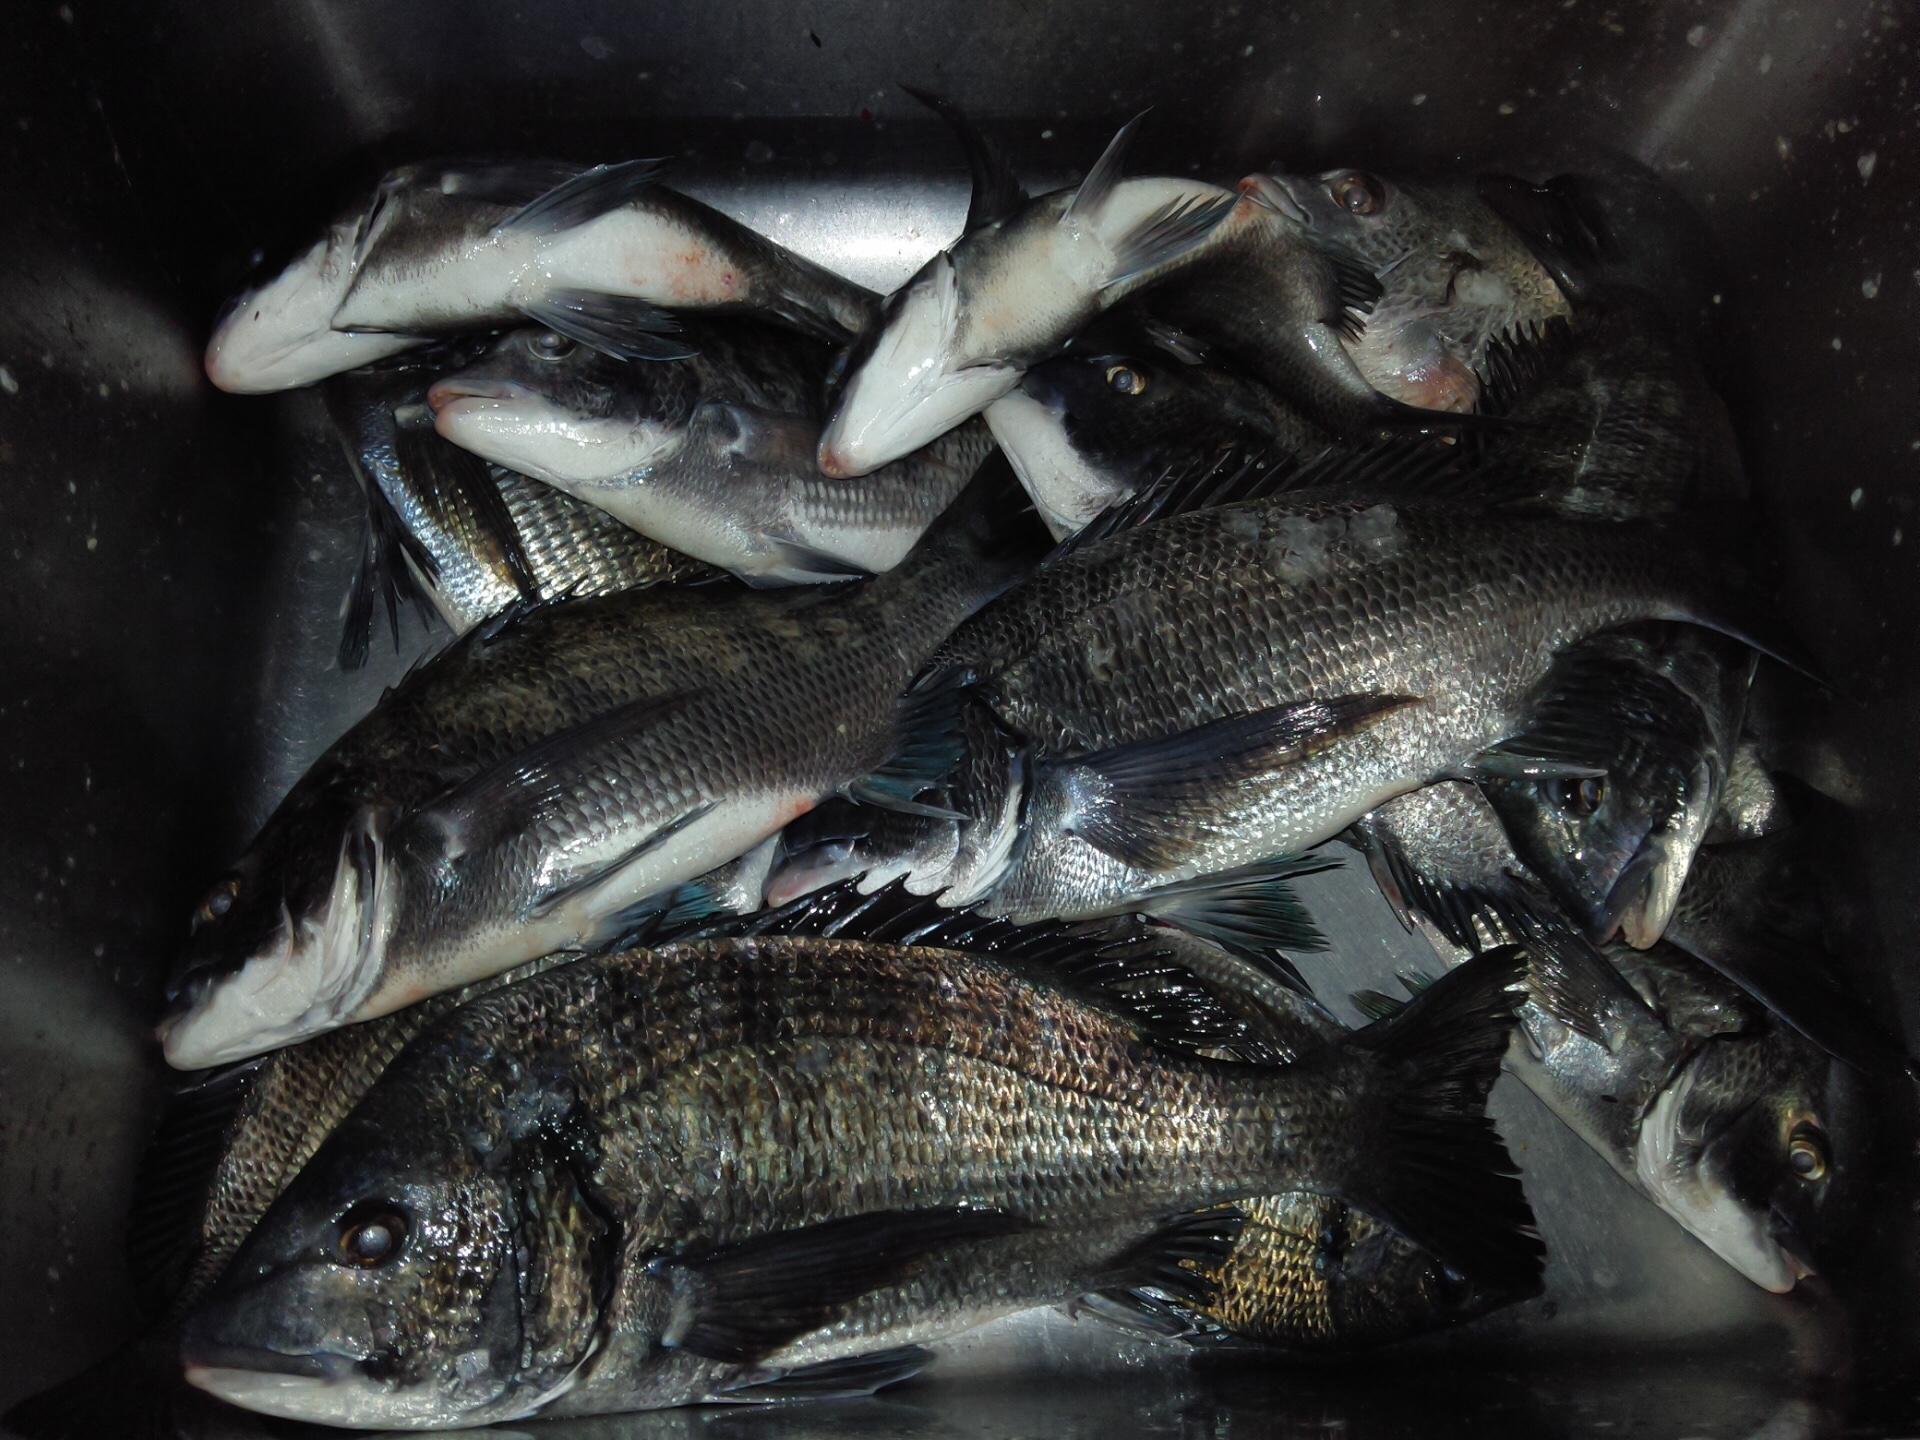 一文字堤で二桁釣果達成、40㎝級の大物含む大釣り‼️サムネイル